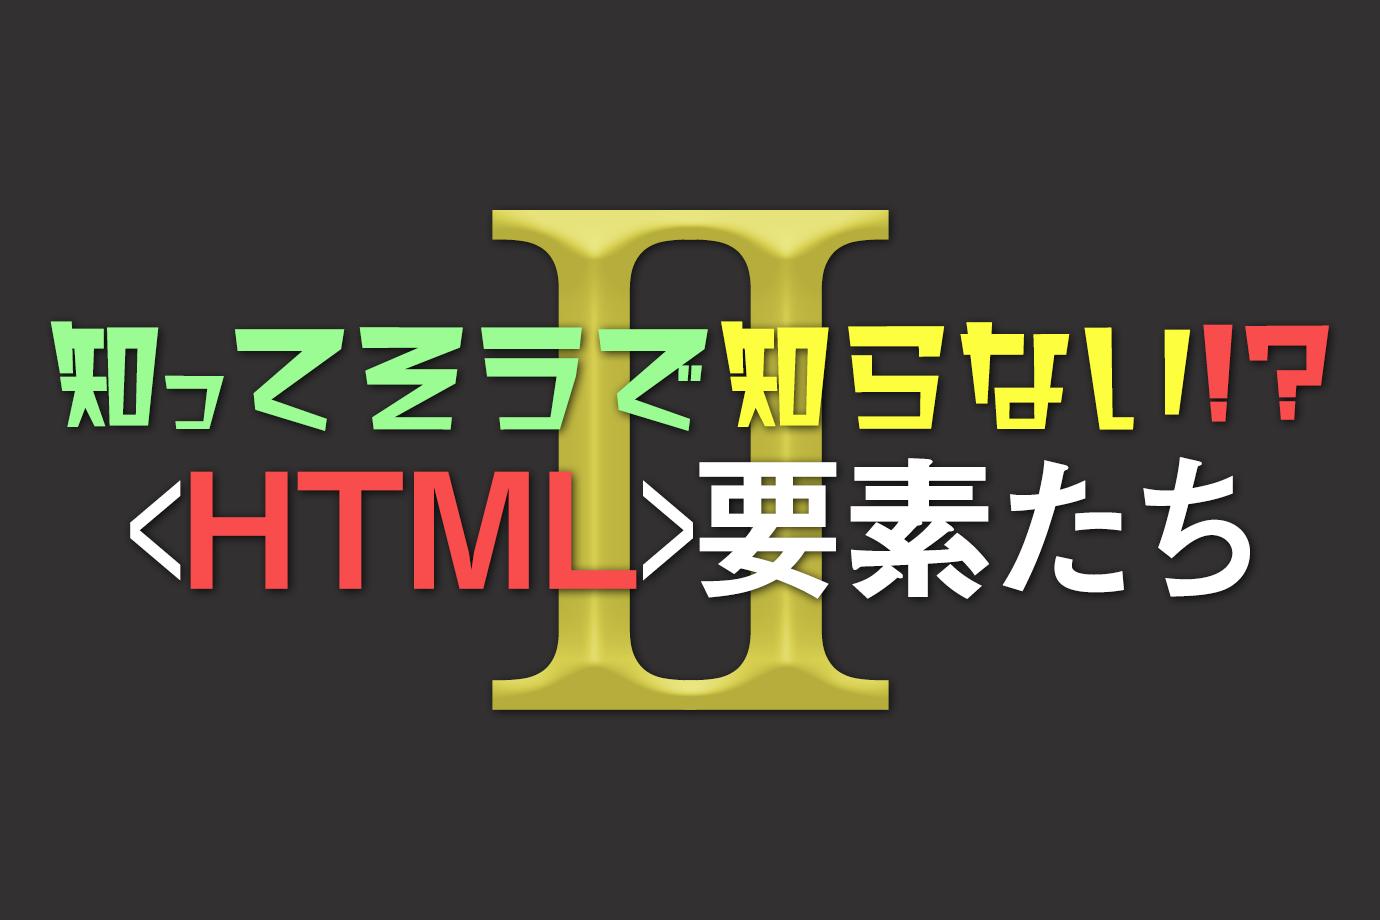 知ってそうで知らない!?HTML要素たち2